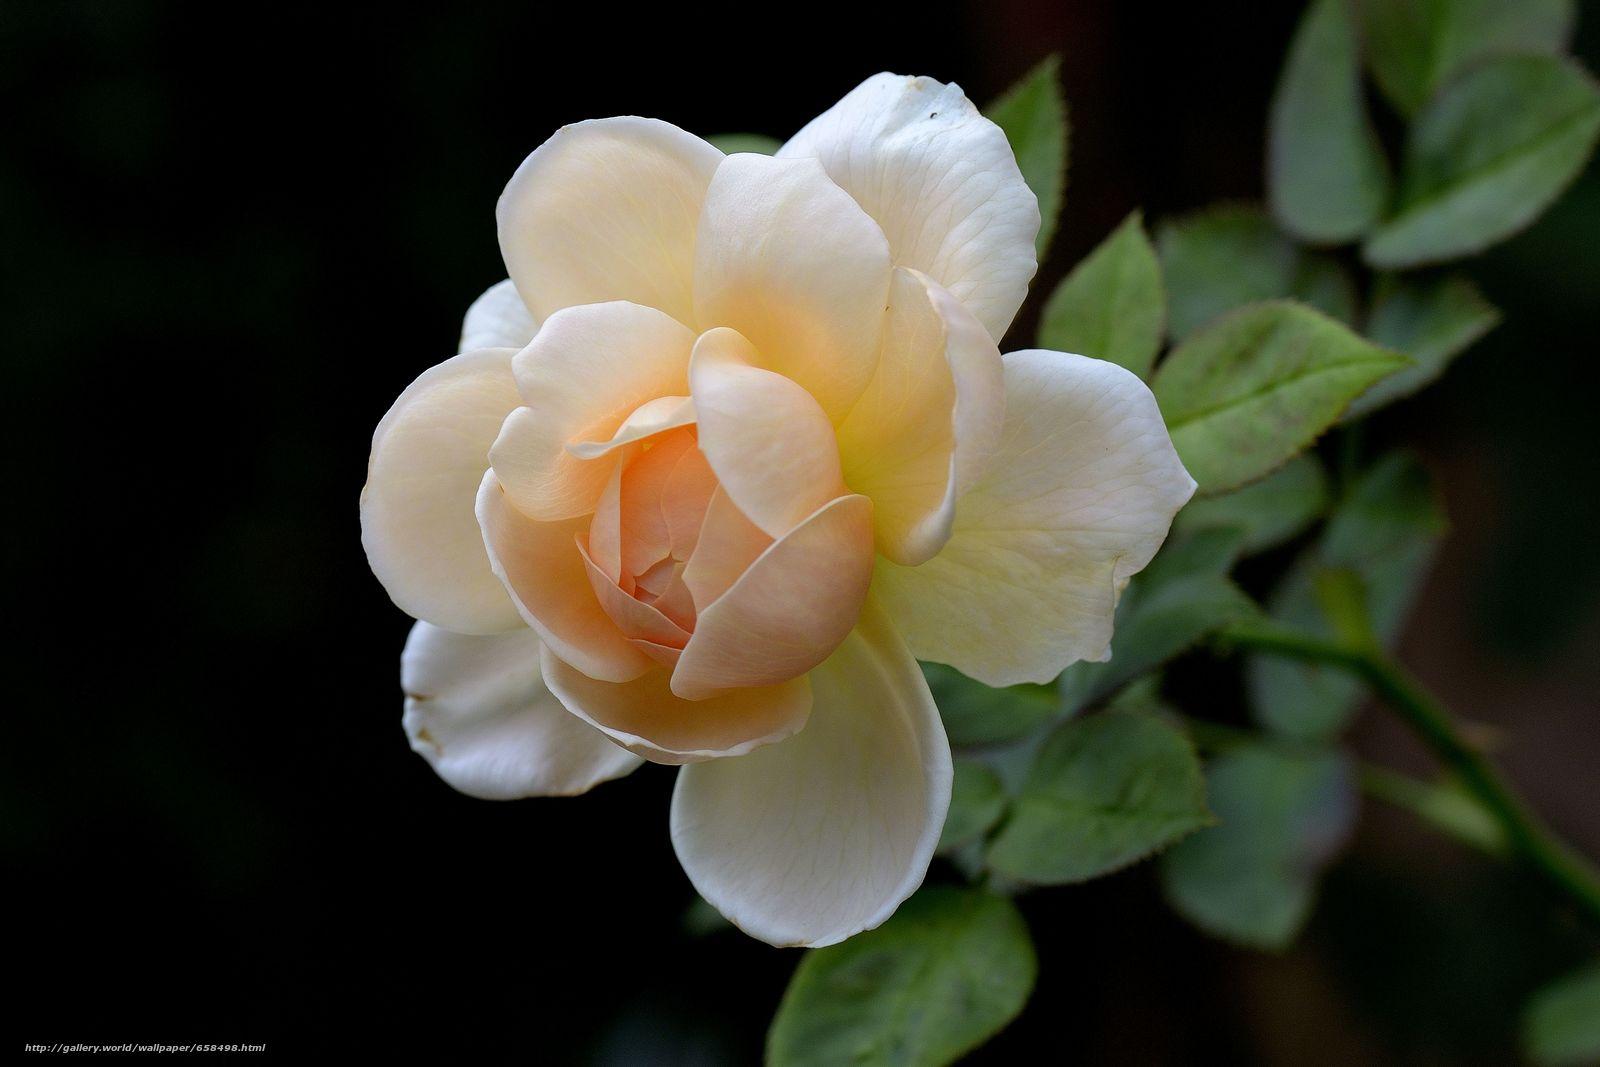 Скачать обои цветок,  цветы,  флора,  роза бесплатно для рабочего стола в разрешении 4723x3149 — картинка №658498